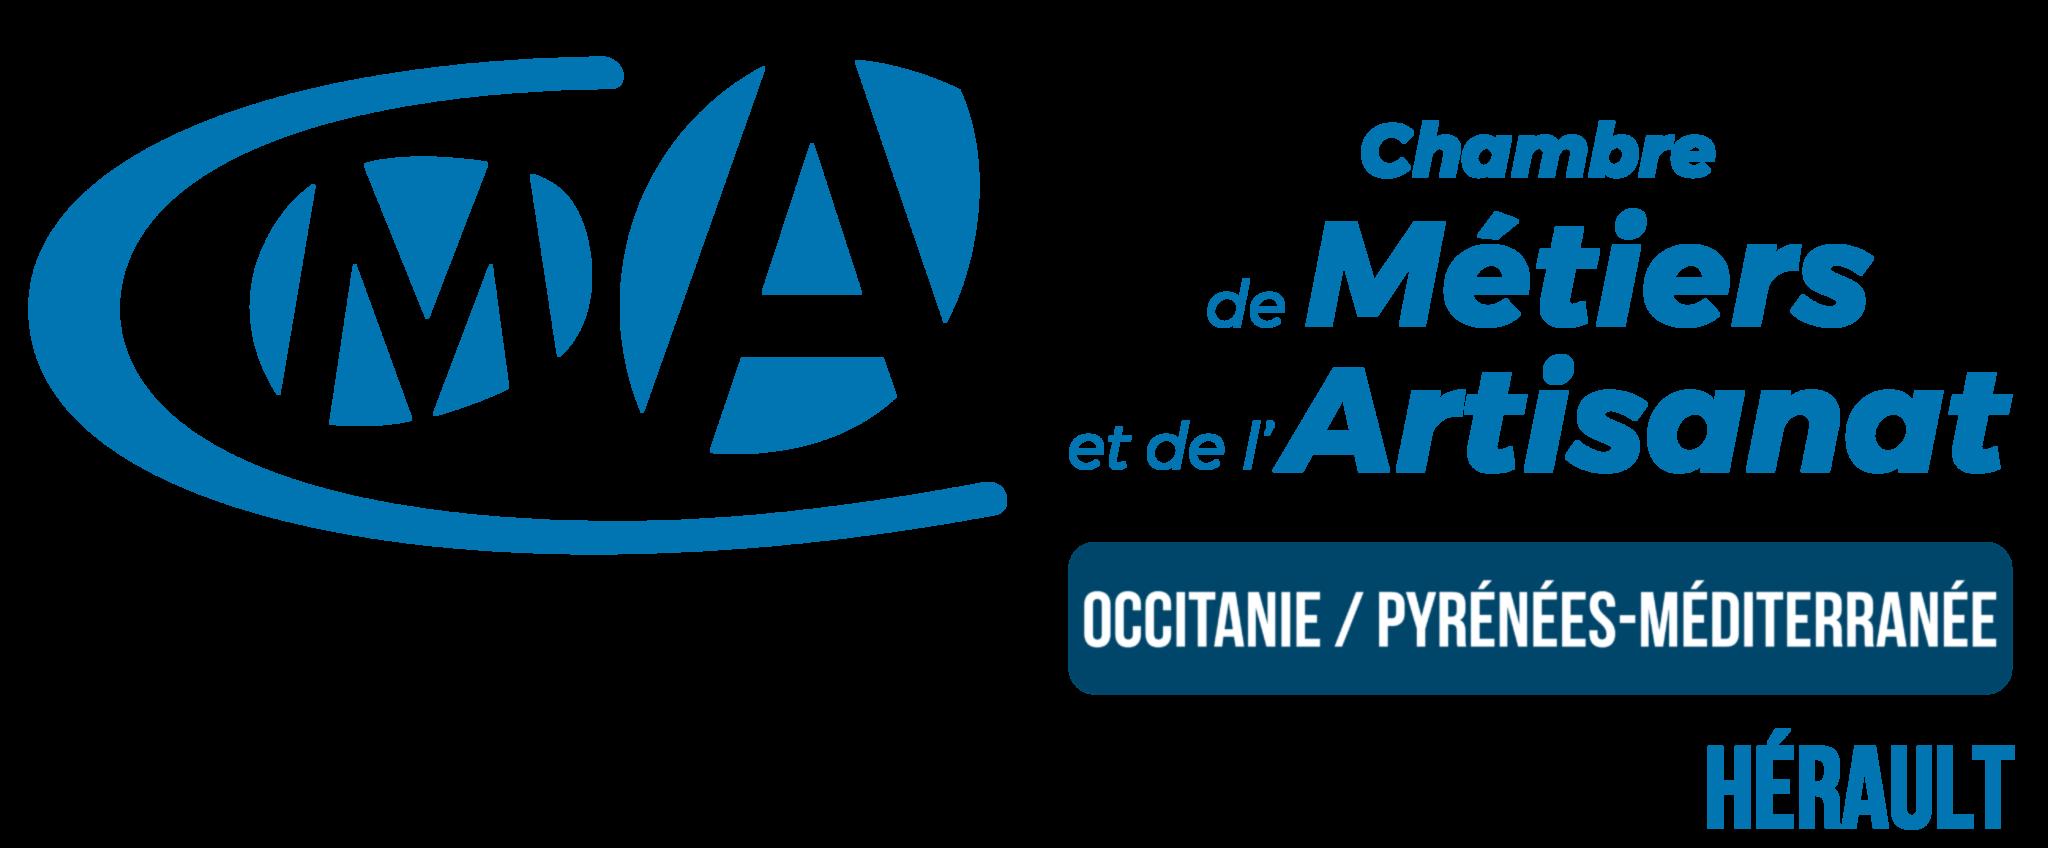 Chambre de Métiers et de l'Artisanat de l'Hérault